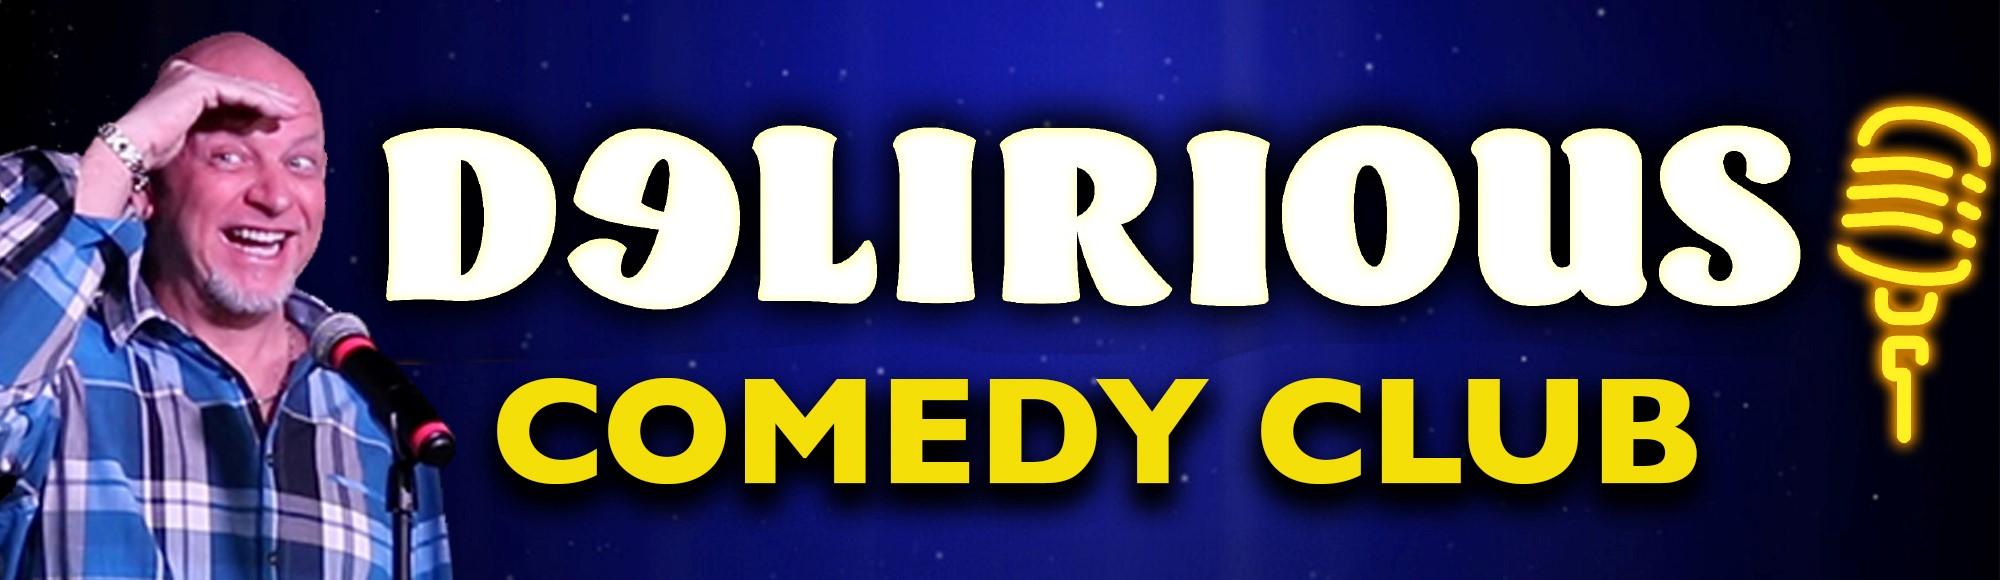 Delirious Comedy Club show